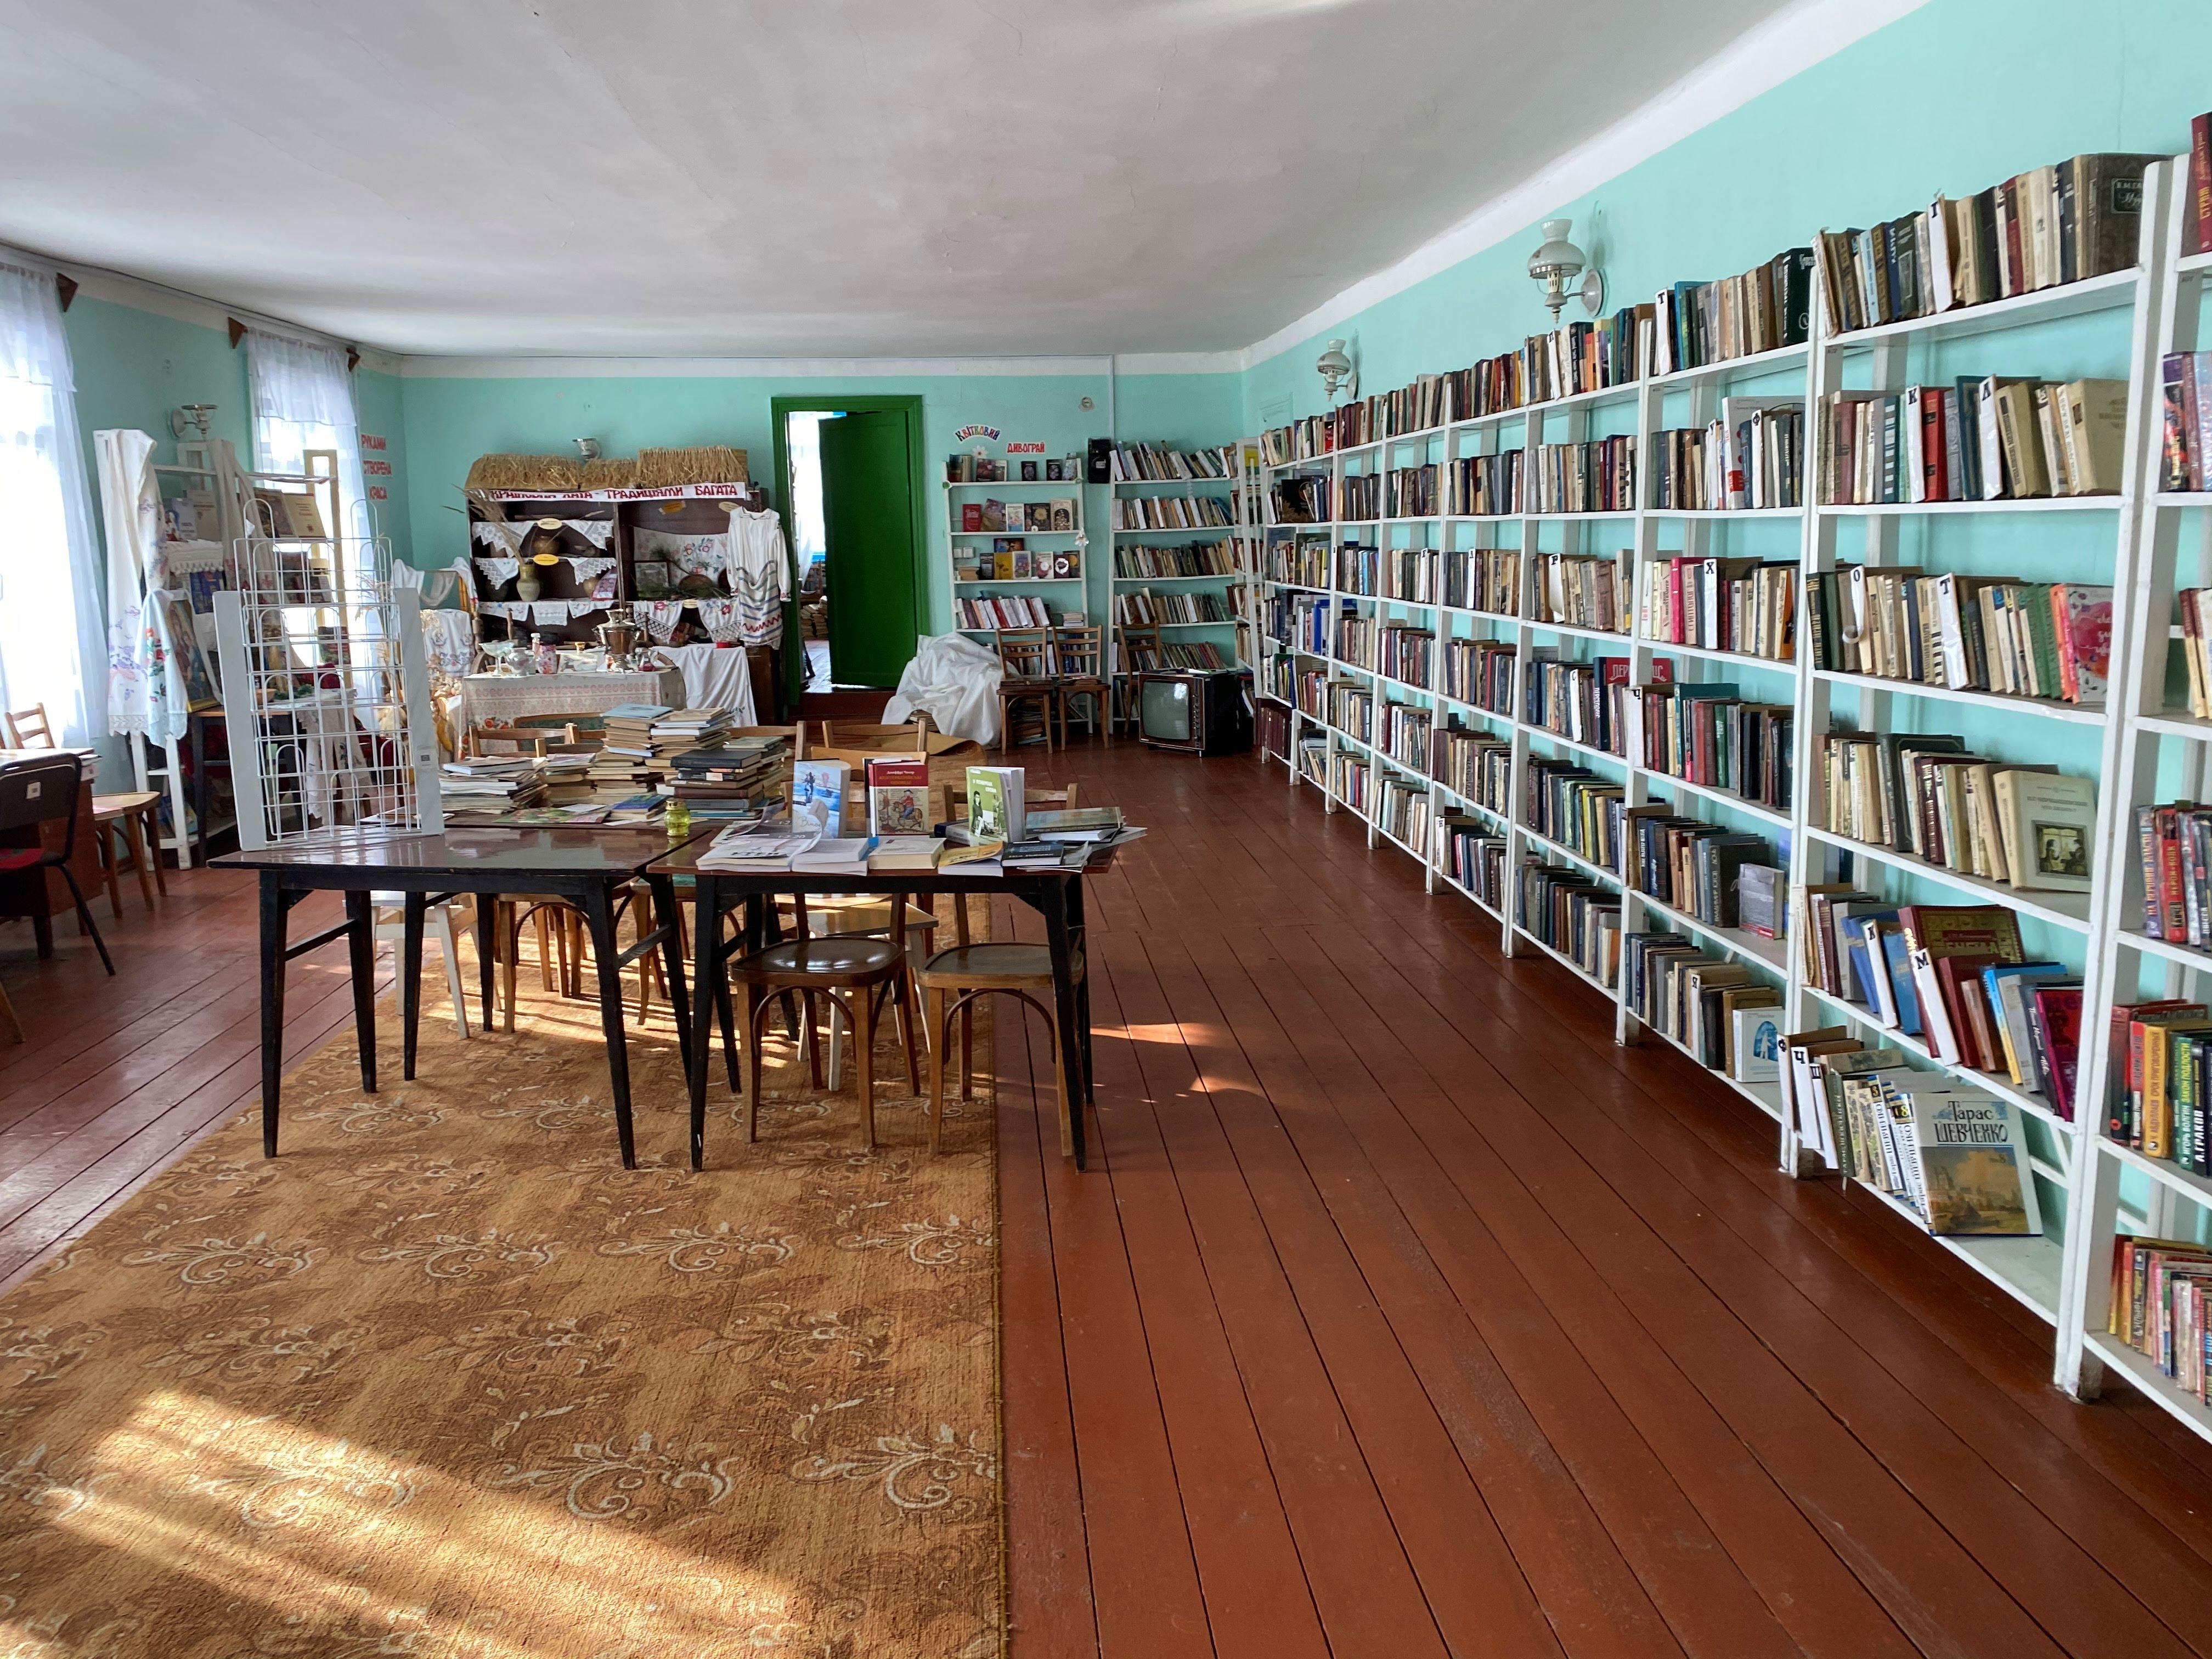 Бібліотека-філія села Червона Кам'янка Попельнастівської сільської ради